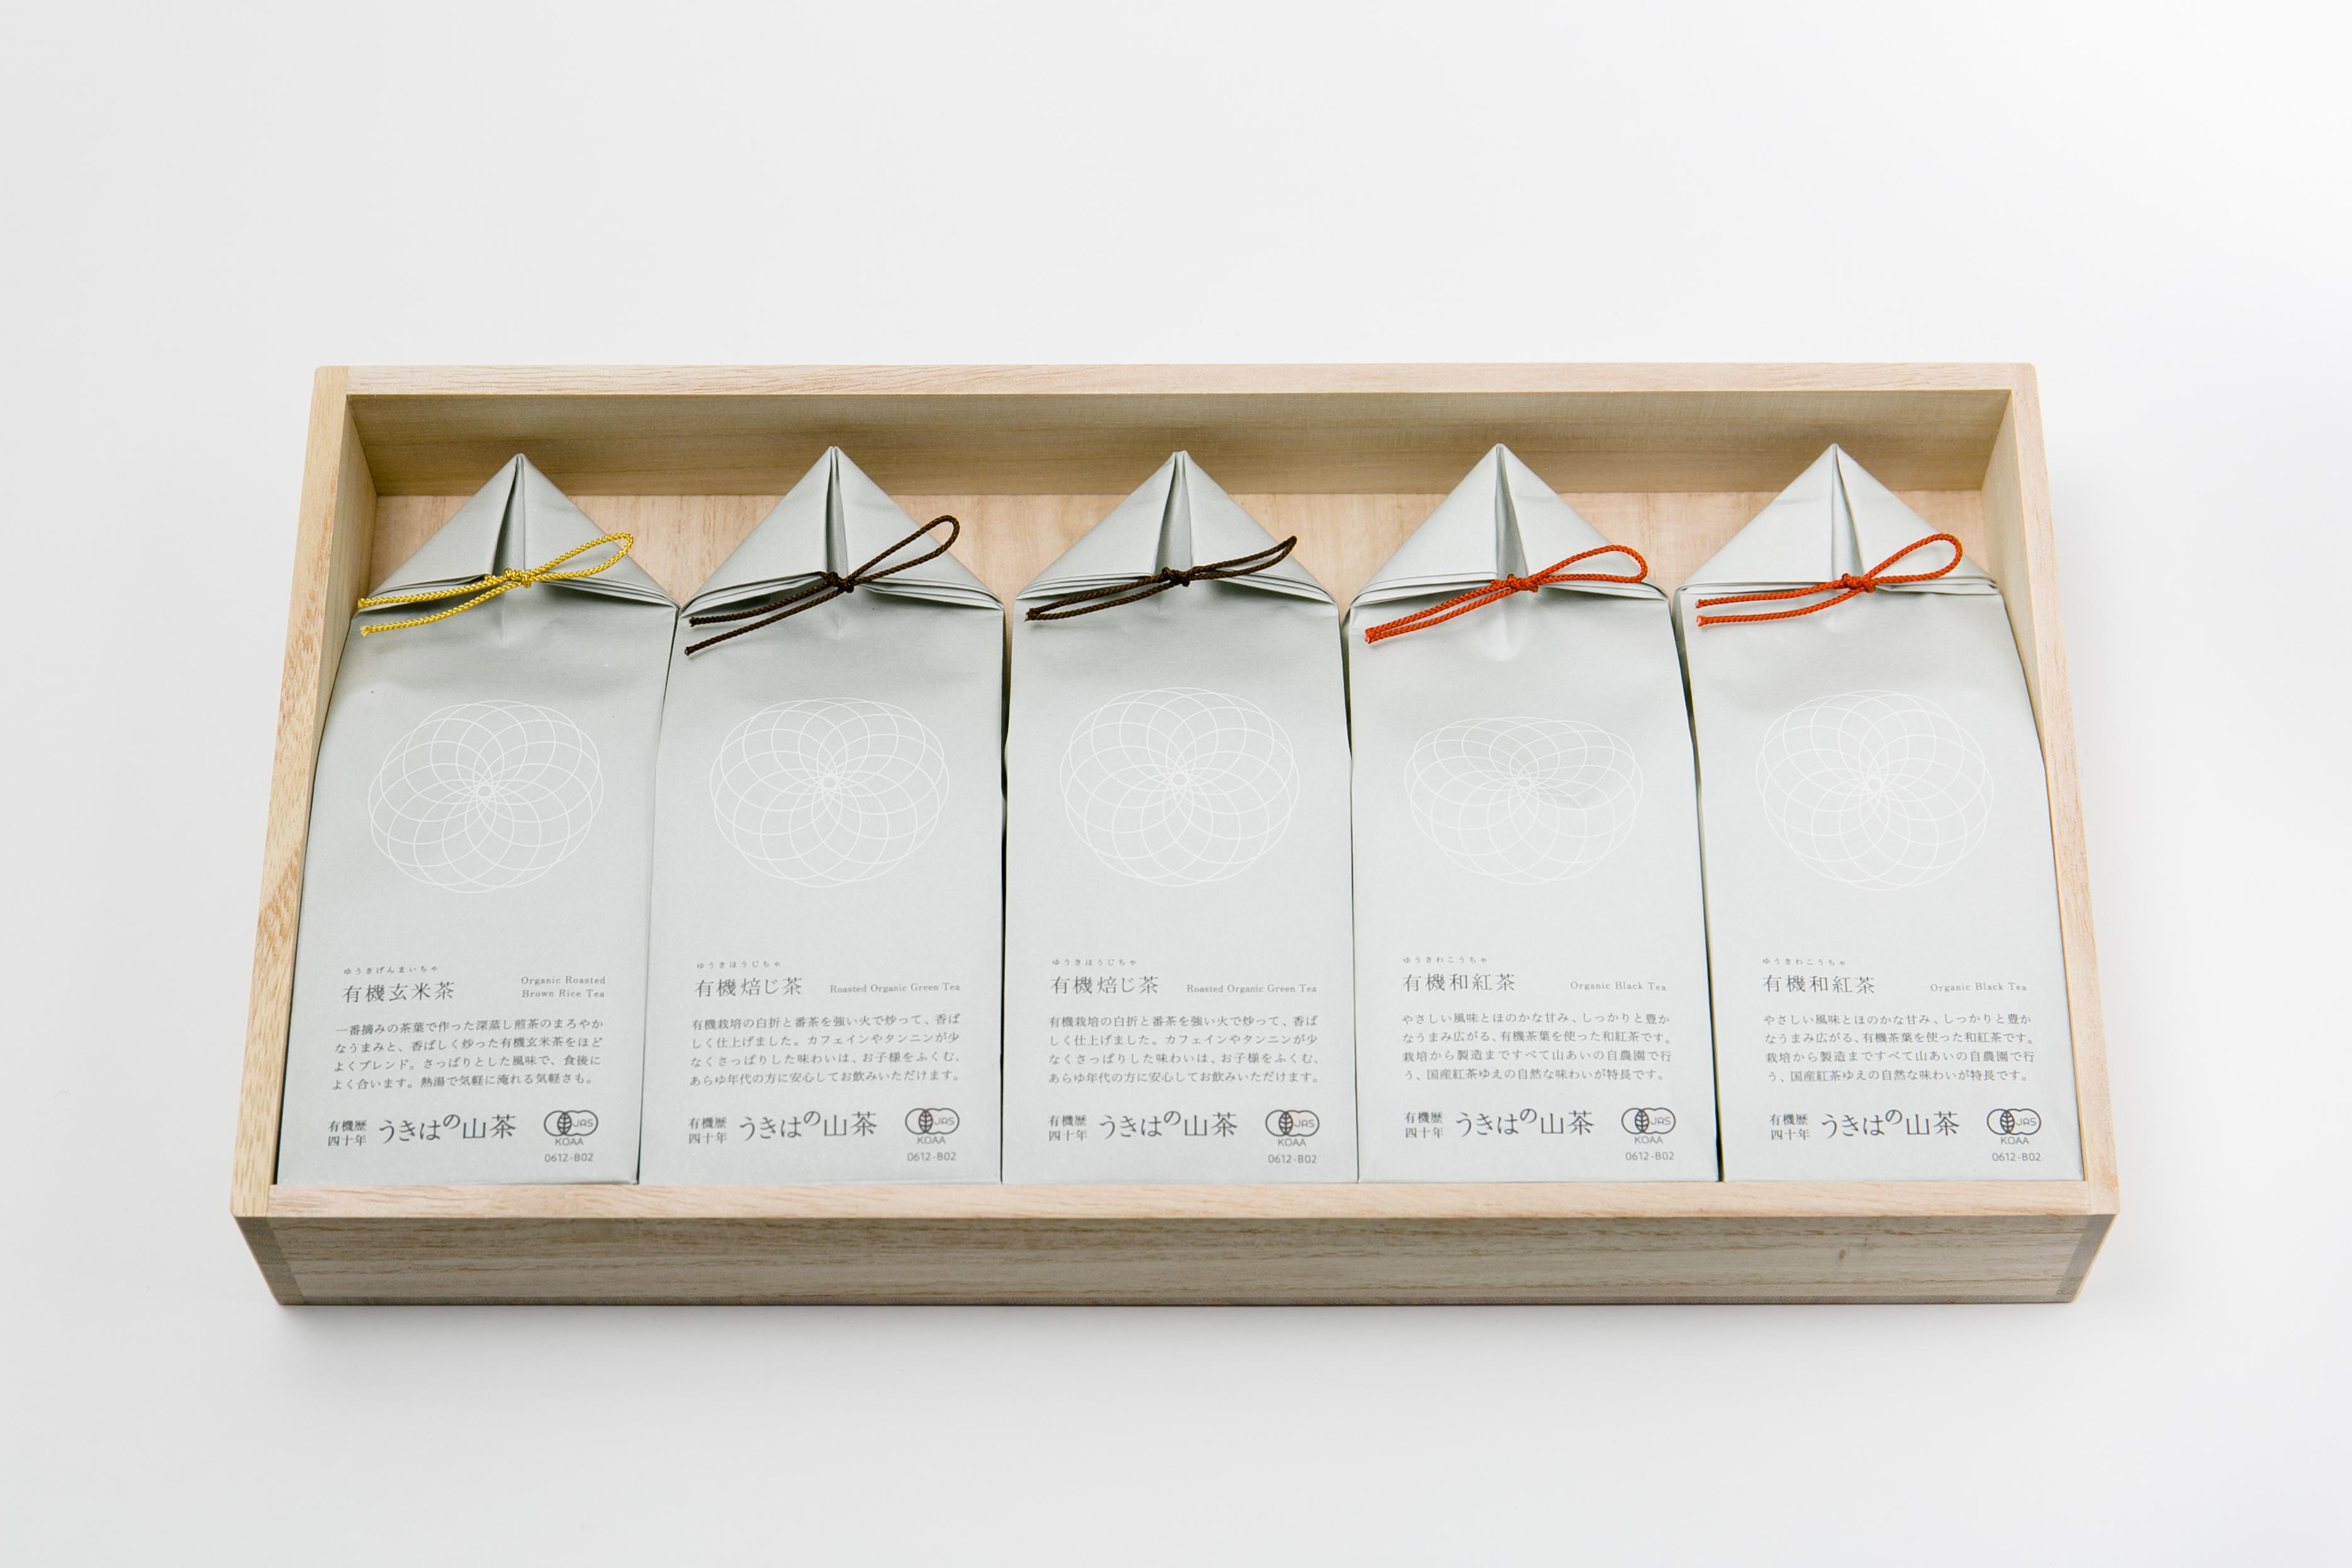 うきはの山茶 5本入 桐箱 GFT5-3 商品イメージ1